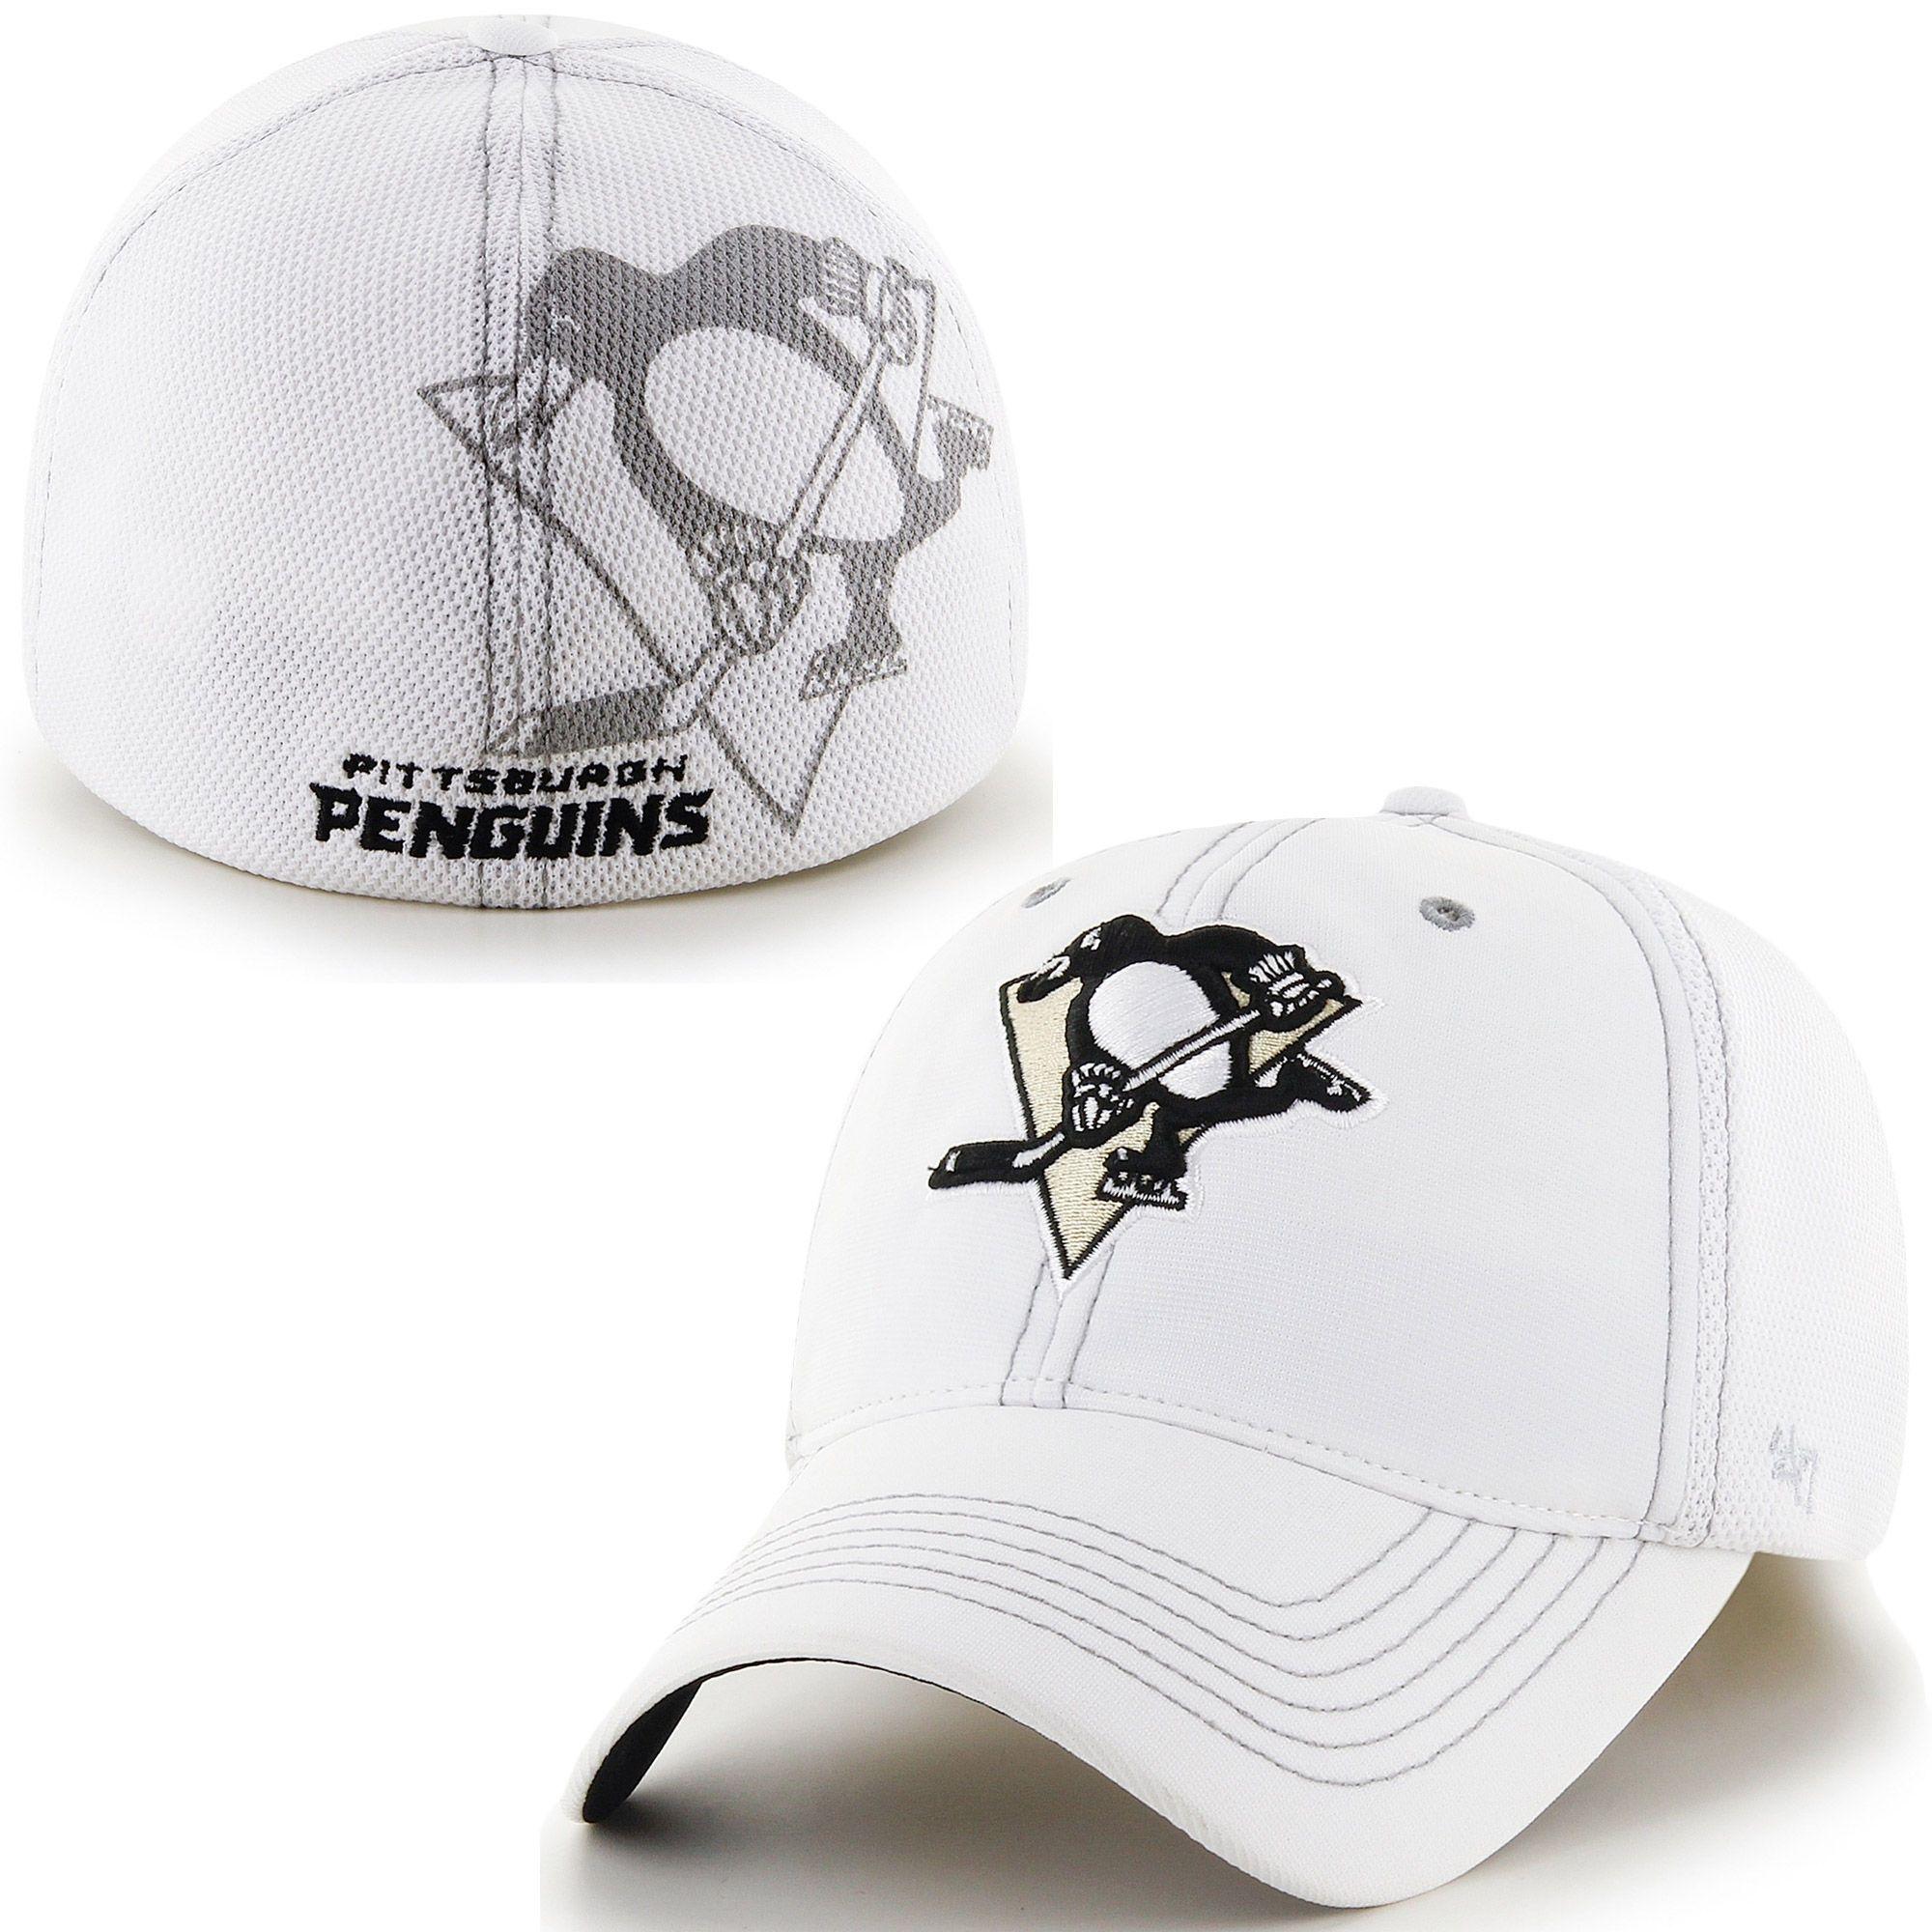 788d0fe542793 Pittsburgh Penguins  47 Brand Reversal Closer Flex Hat – White ...